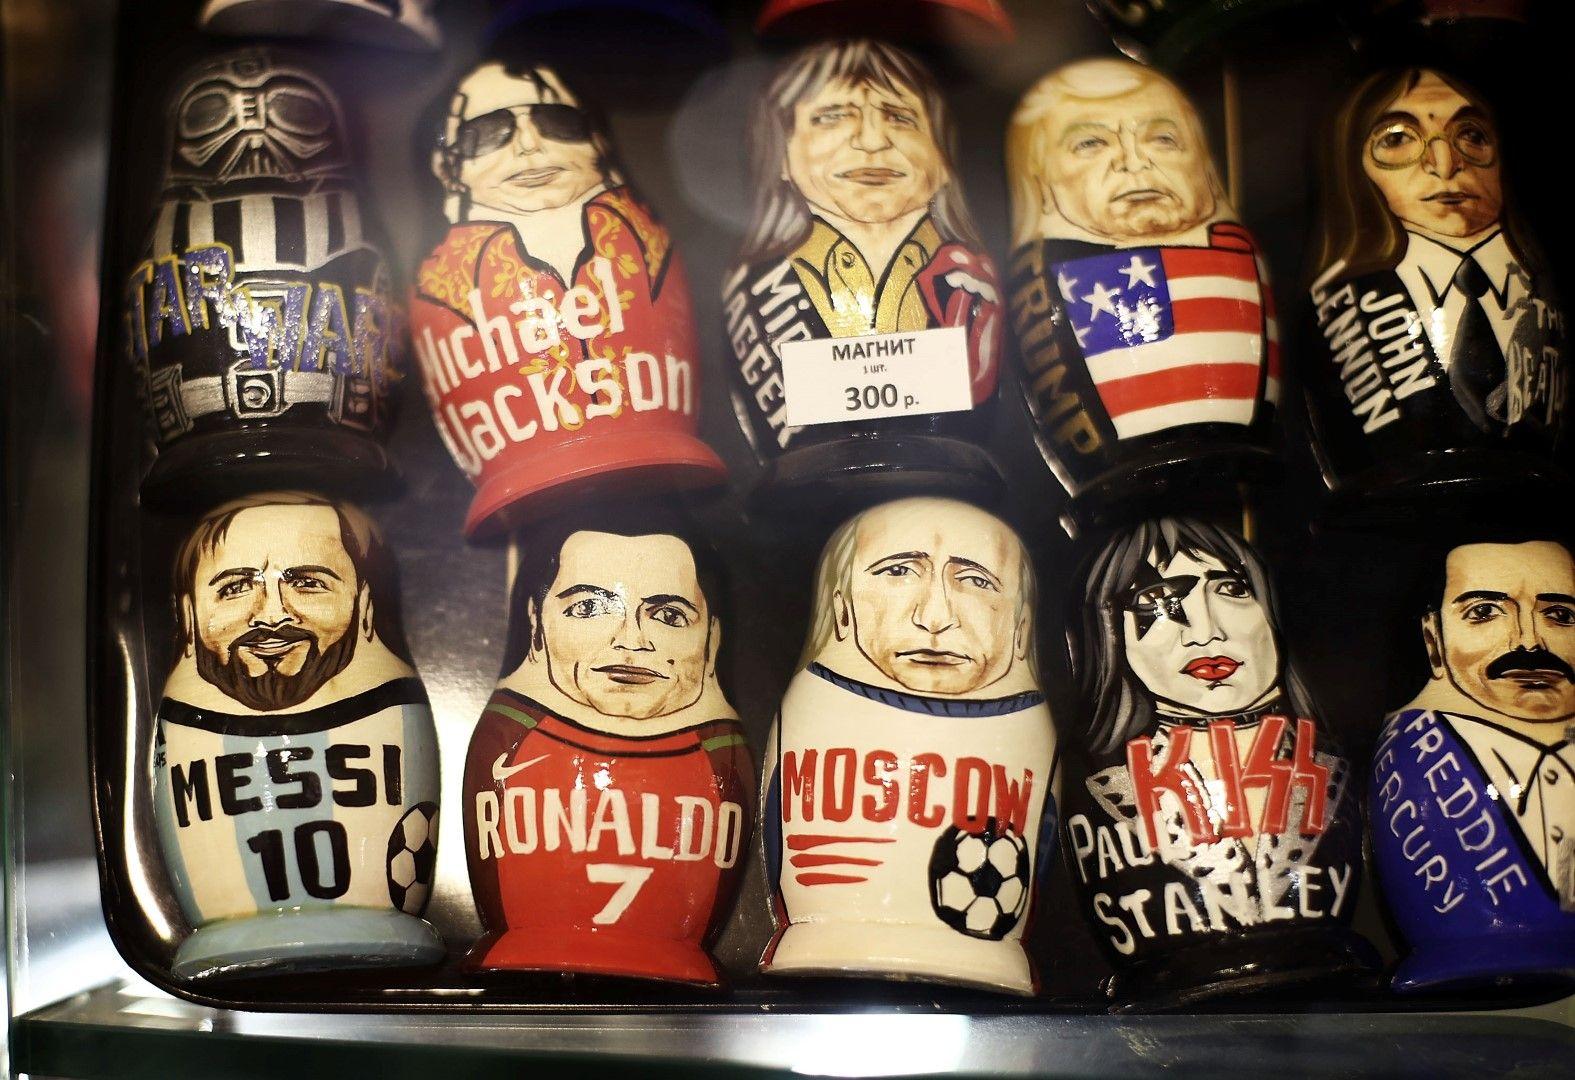 """Матрьошки и магнити на витрина на магазин за сувенири в Москва, като """"отборът"""" е изключителен: От Фреди Меркюри и Пол Стенли от """"Кис"""", през Путин и Тръмп, до Меси и Роналдо!"""